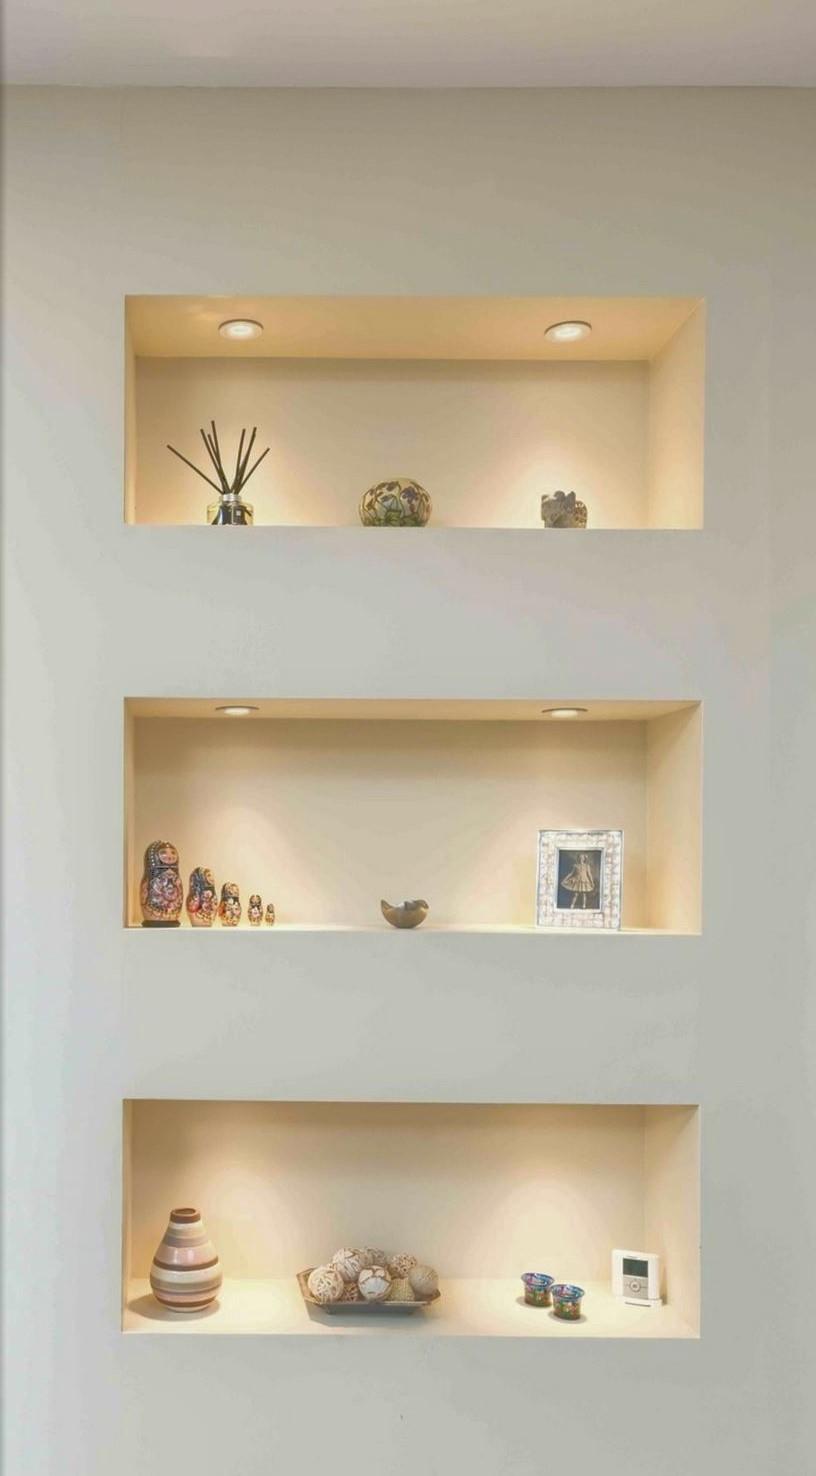 3) librerie e pareti attrezzate in cartongesso. La Parete Attrezzata